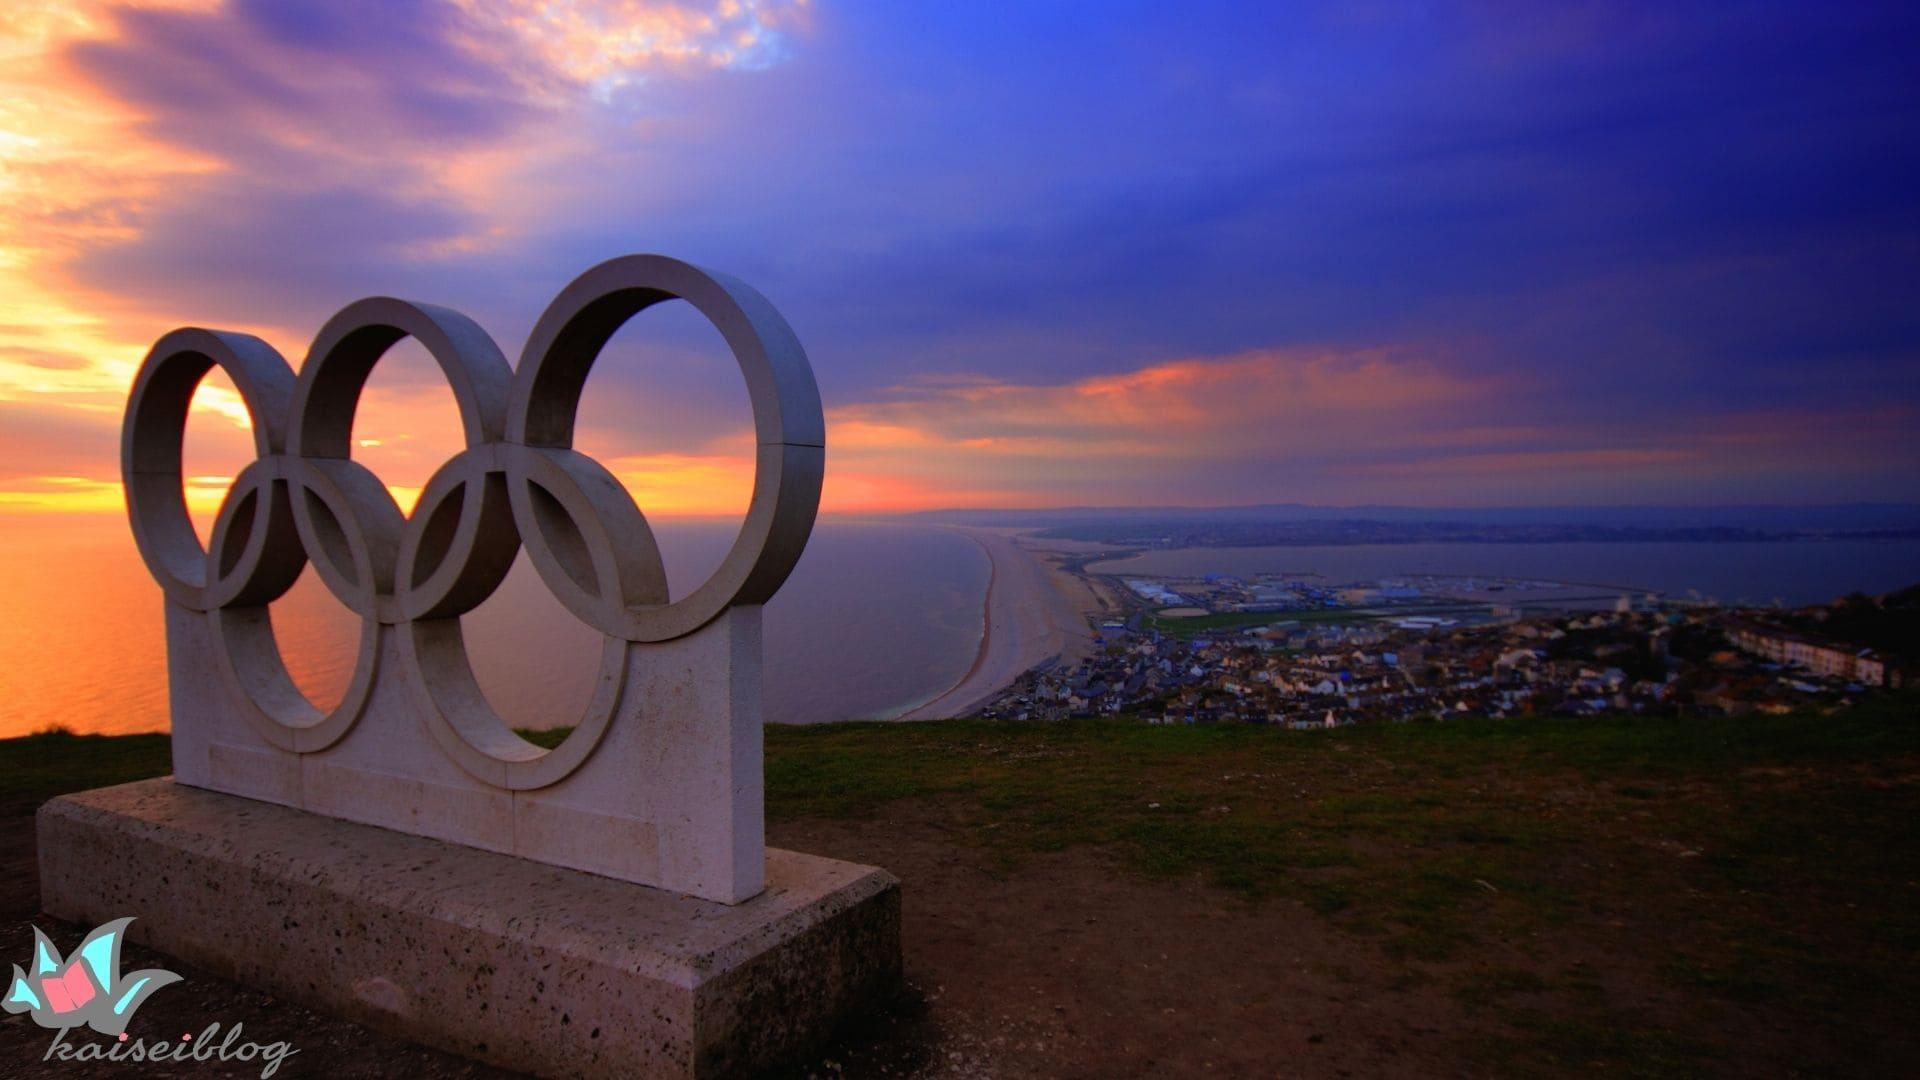 日本 トレンド 東京オリンピック